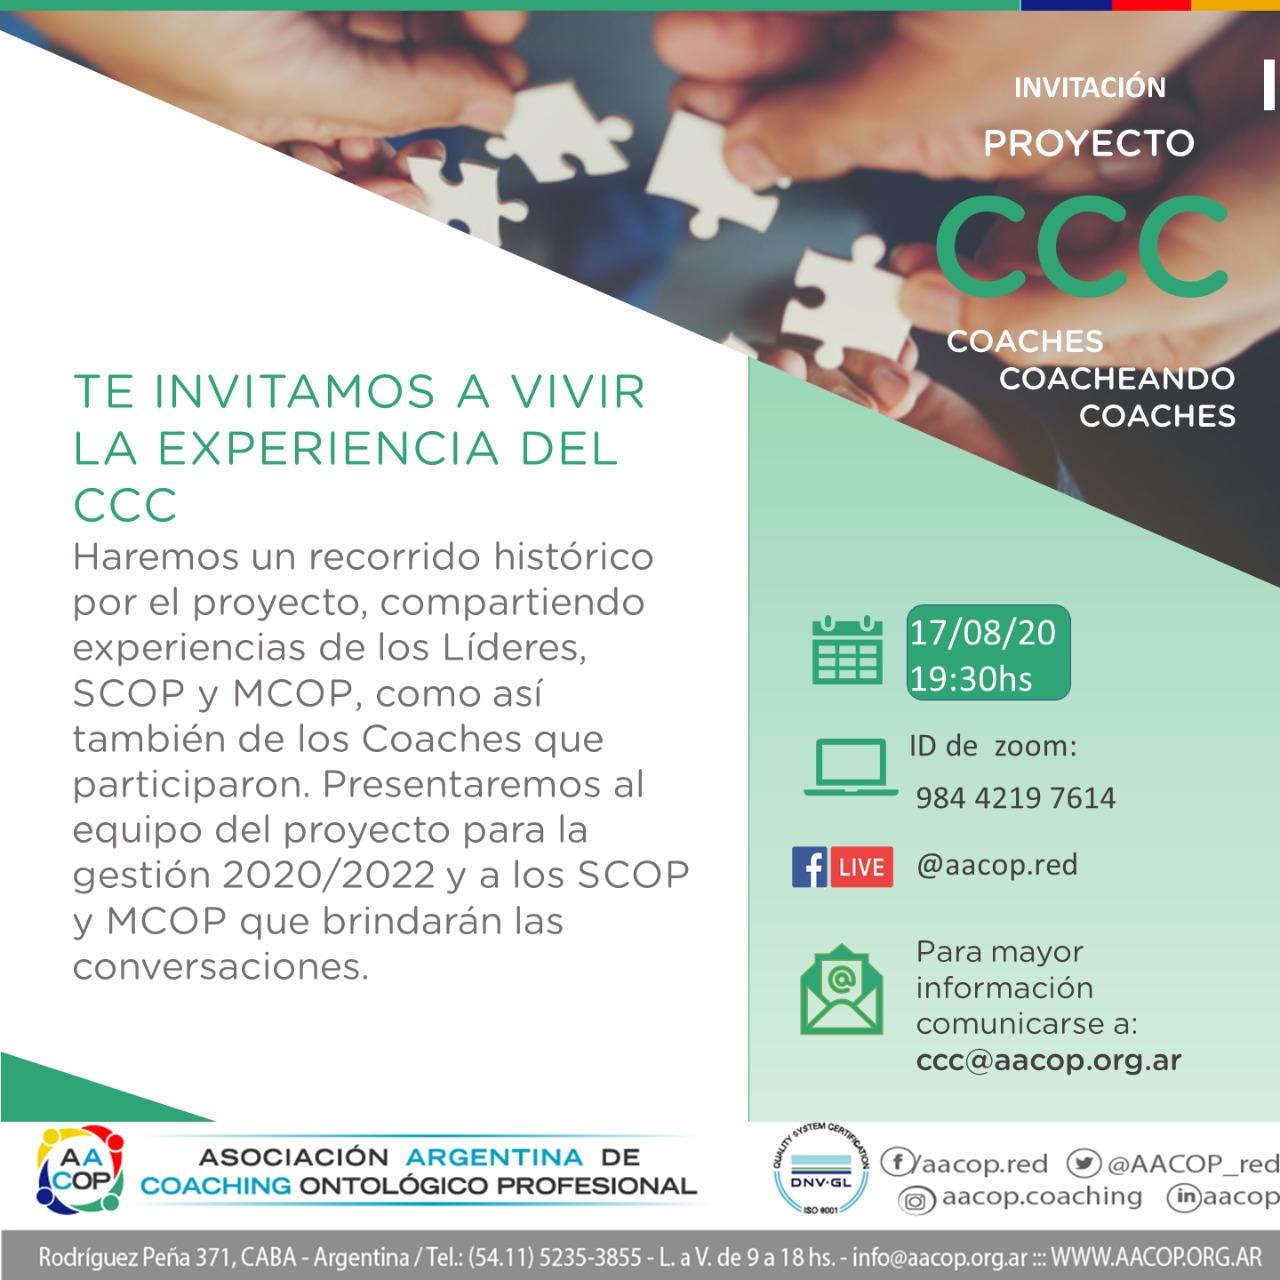 Te invitamos a vivir la experiencia del CCC | imagen